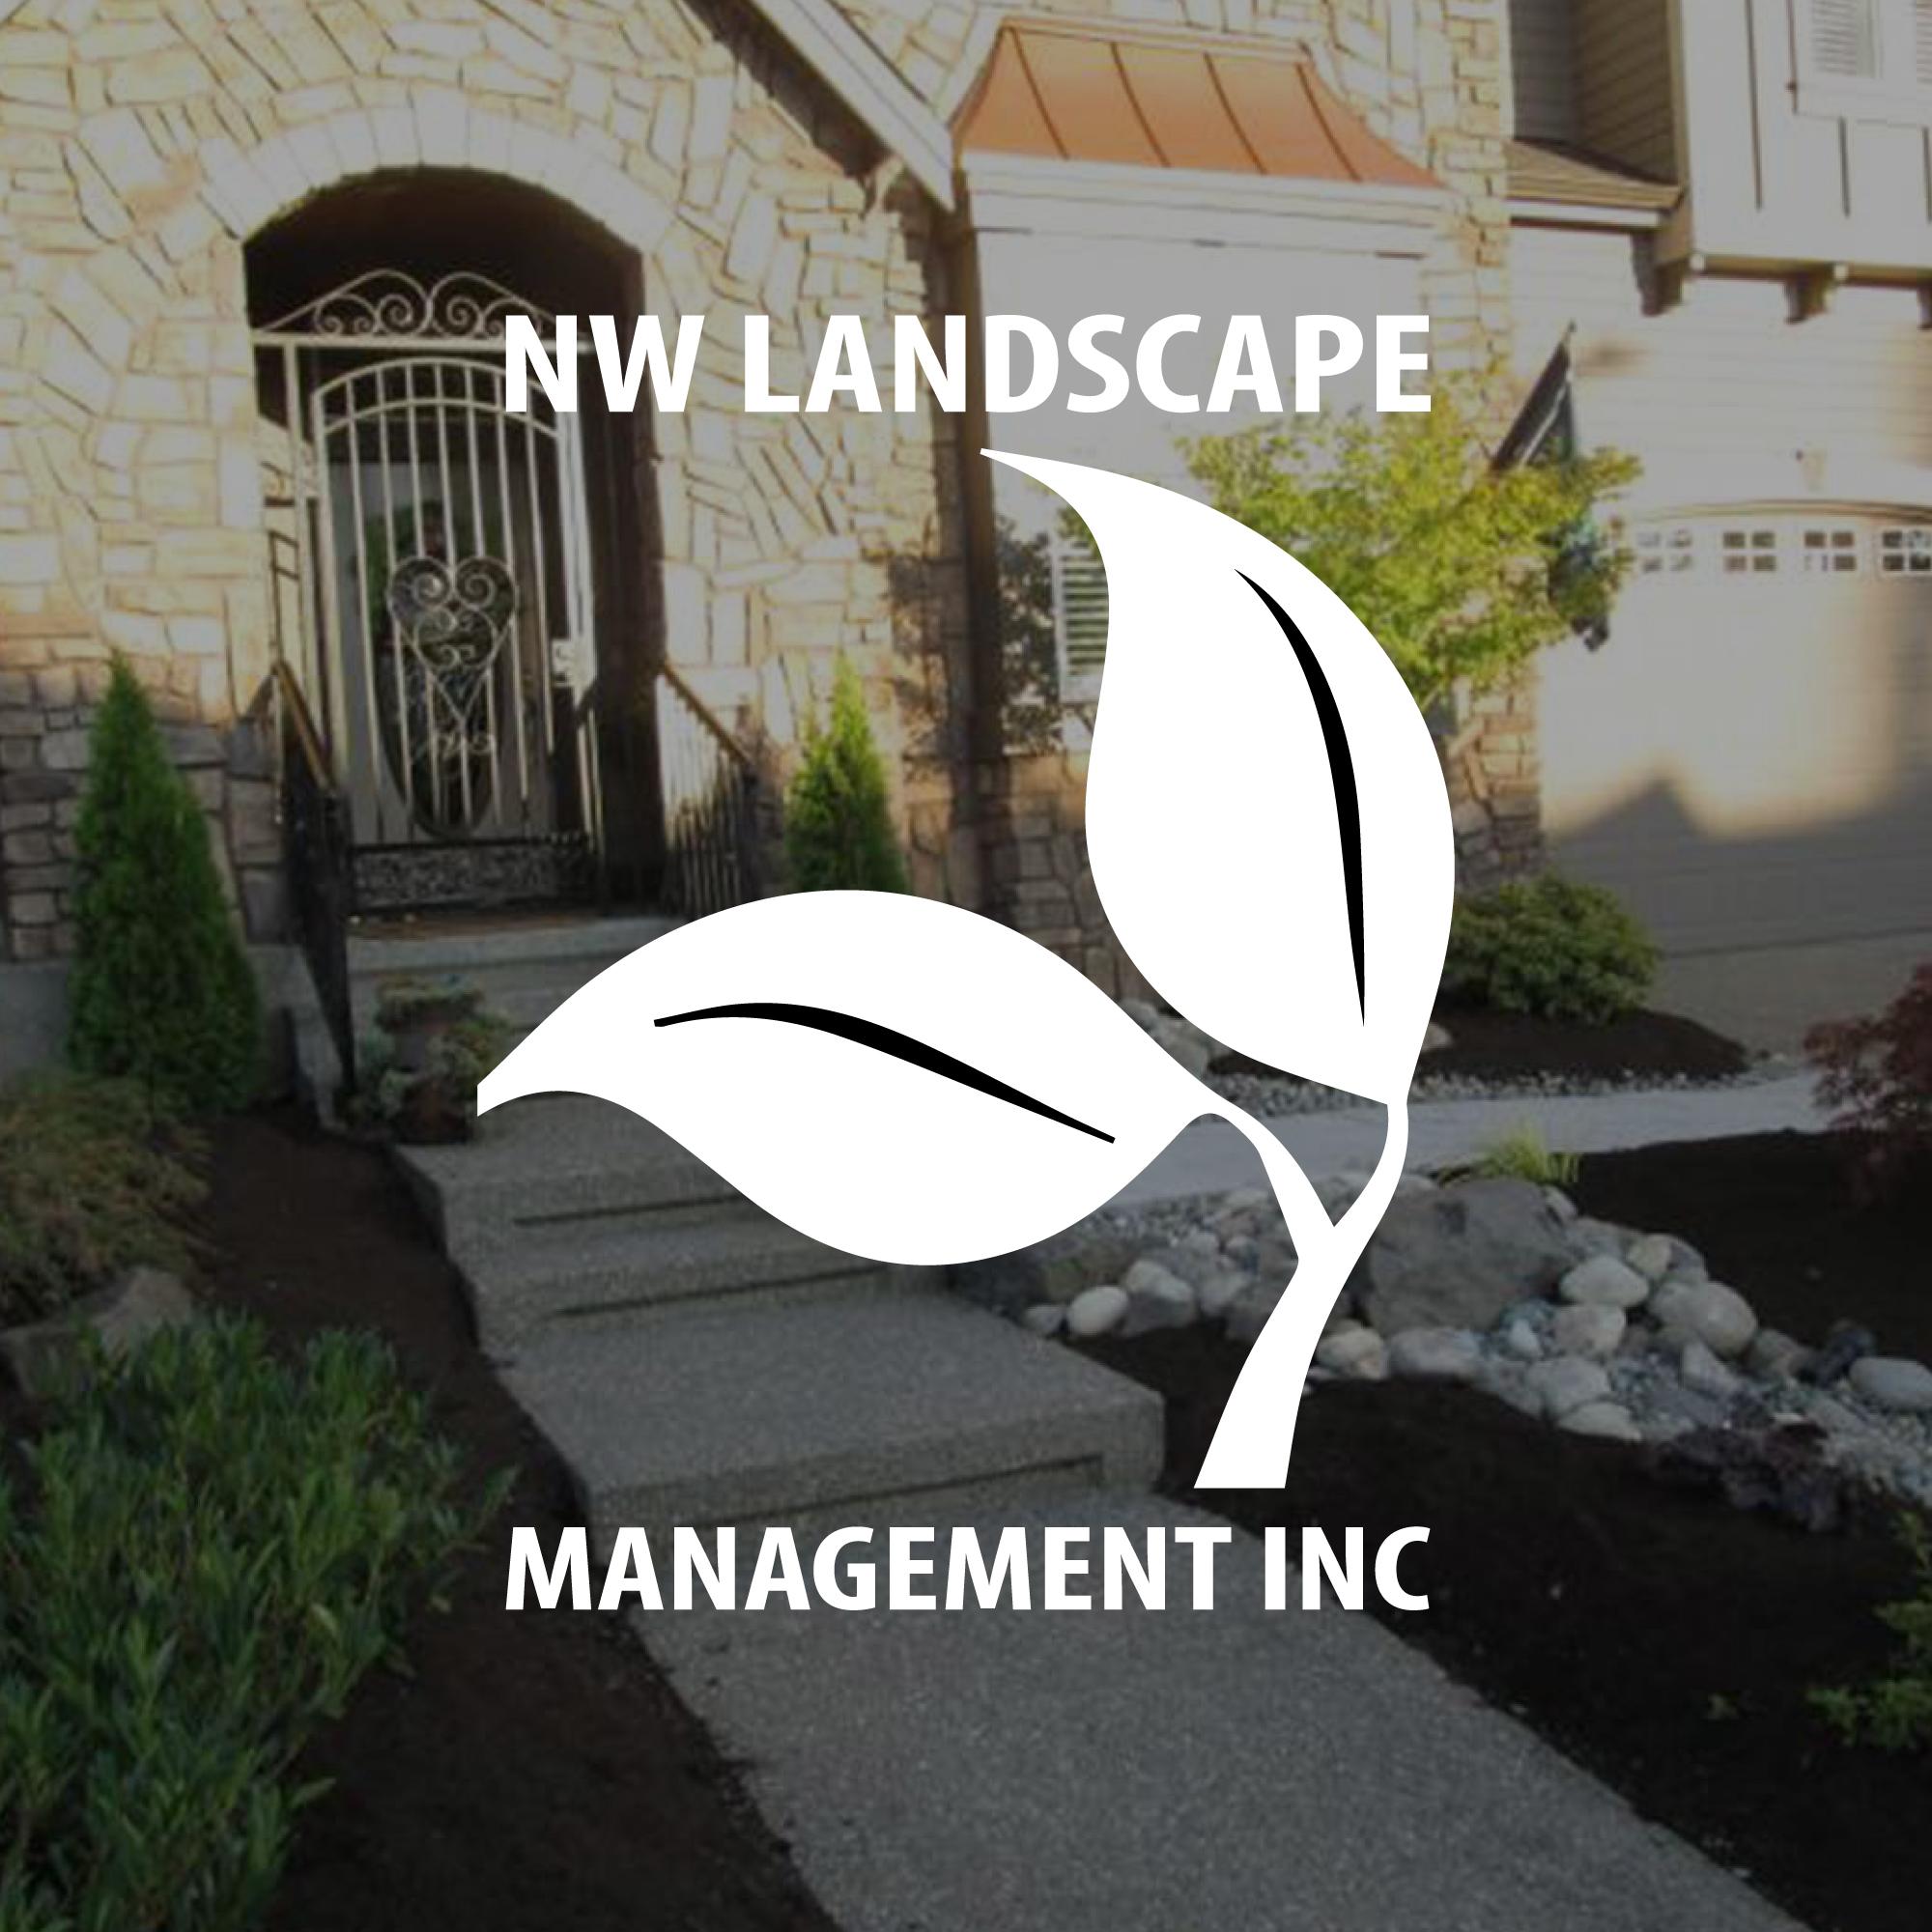 Landscaping Nw Landscape Management